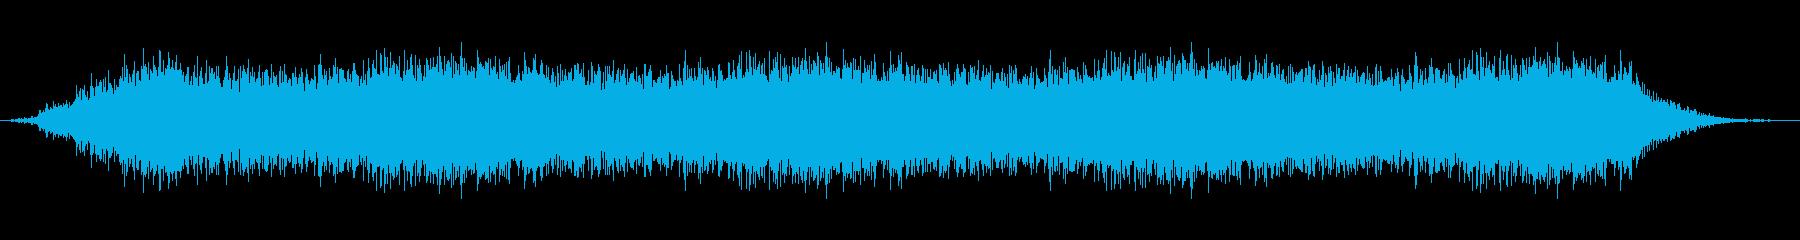 PADS くすぐるクリケット01の再生済みの波形